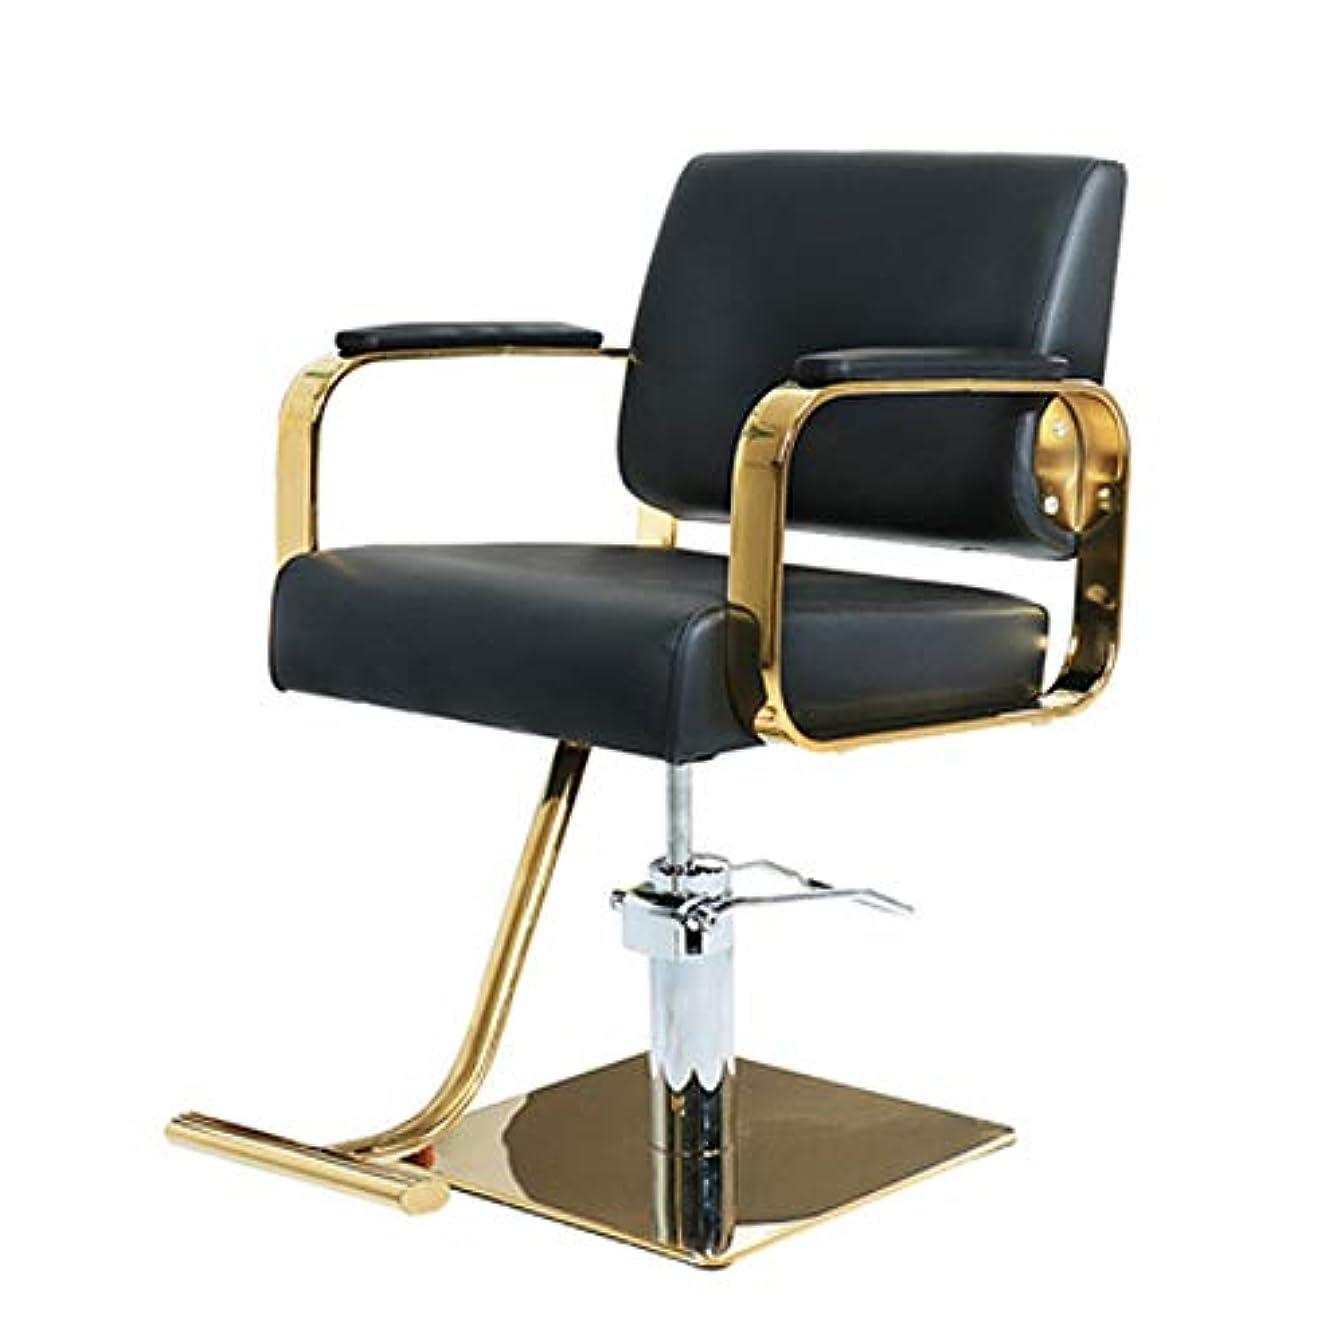 エッセンス卑しいブロック理髪アームチェア、ヘアスタイリスト用サロンチェア、ヘビーデューティタトゥー回転チェア、シャンプー美容、サロン機器